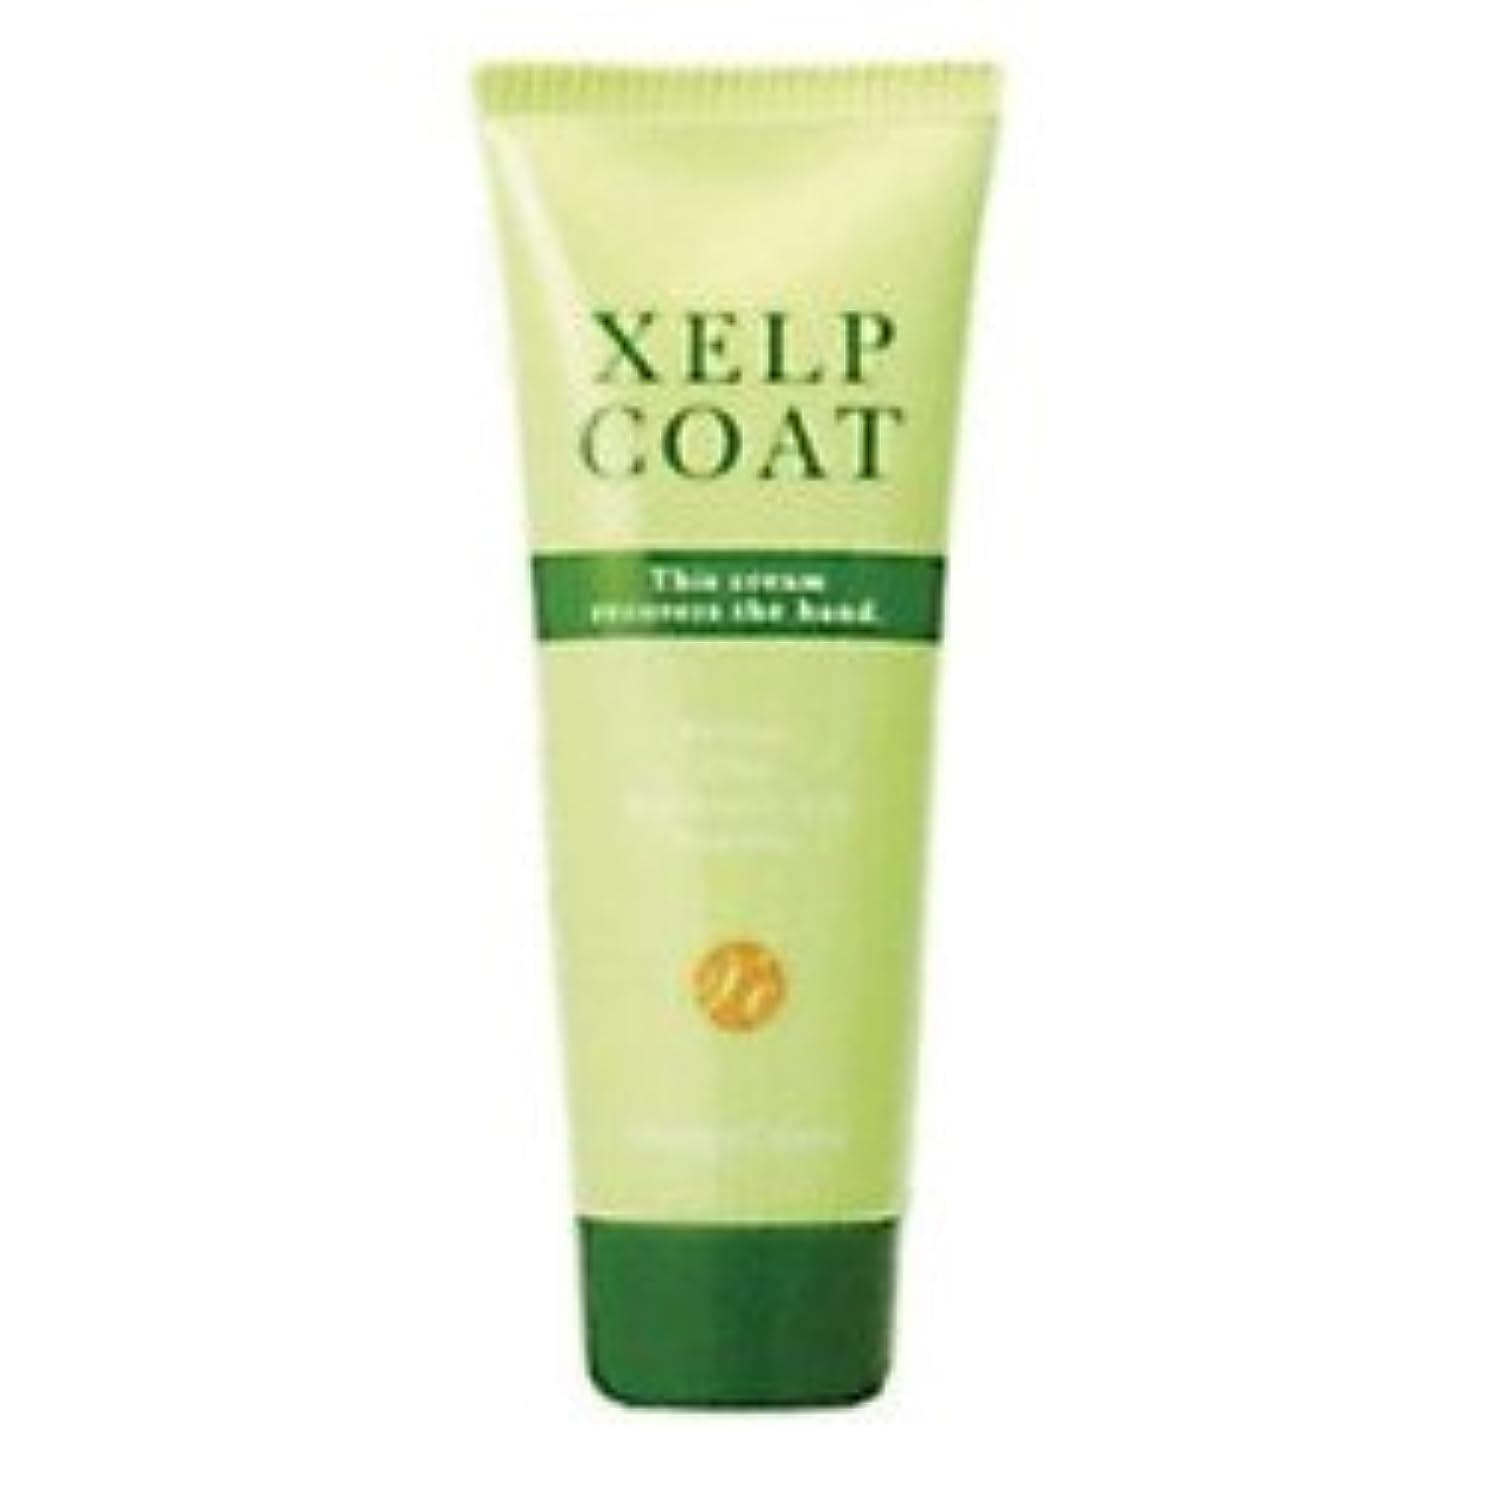 海洋の宿題をする動かないケイルコート 80g XELPCOAT 美容師さんのためのハンドクリーム